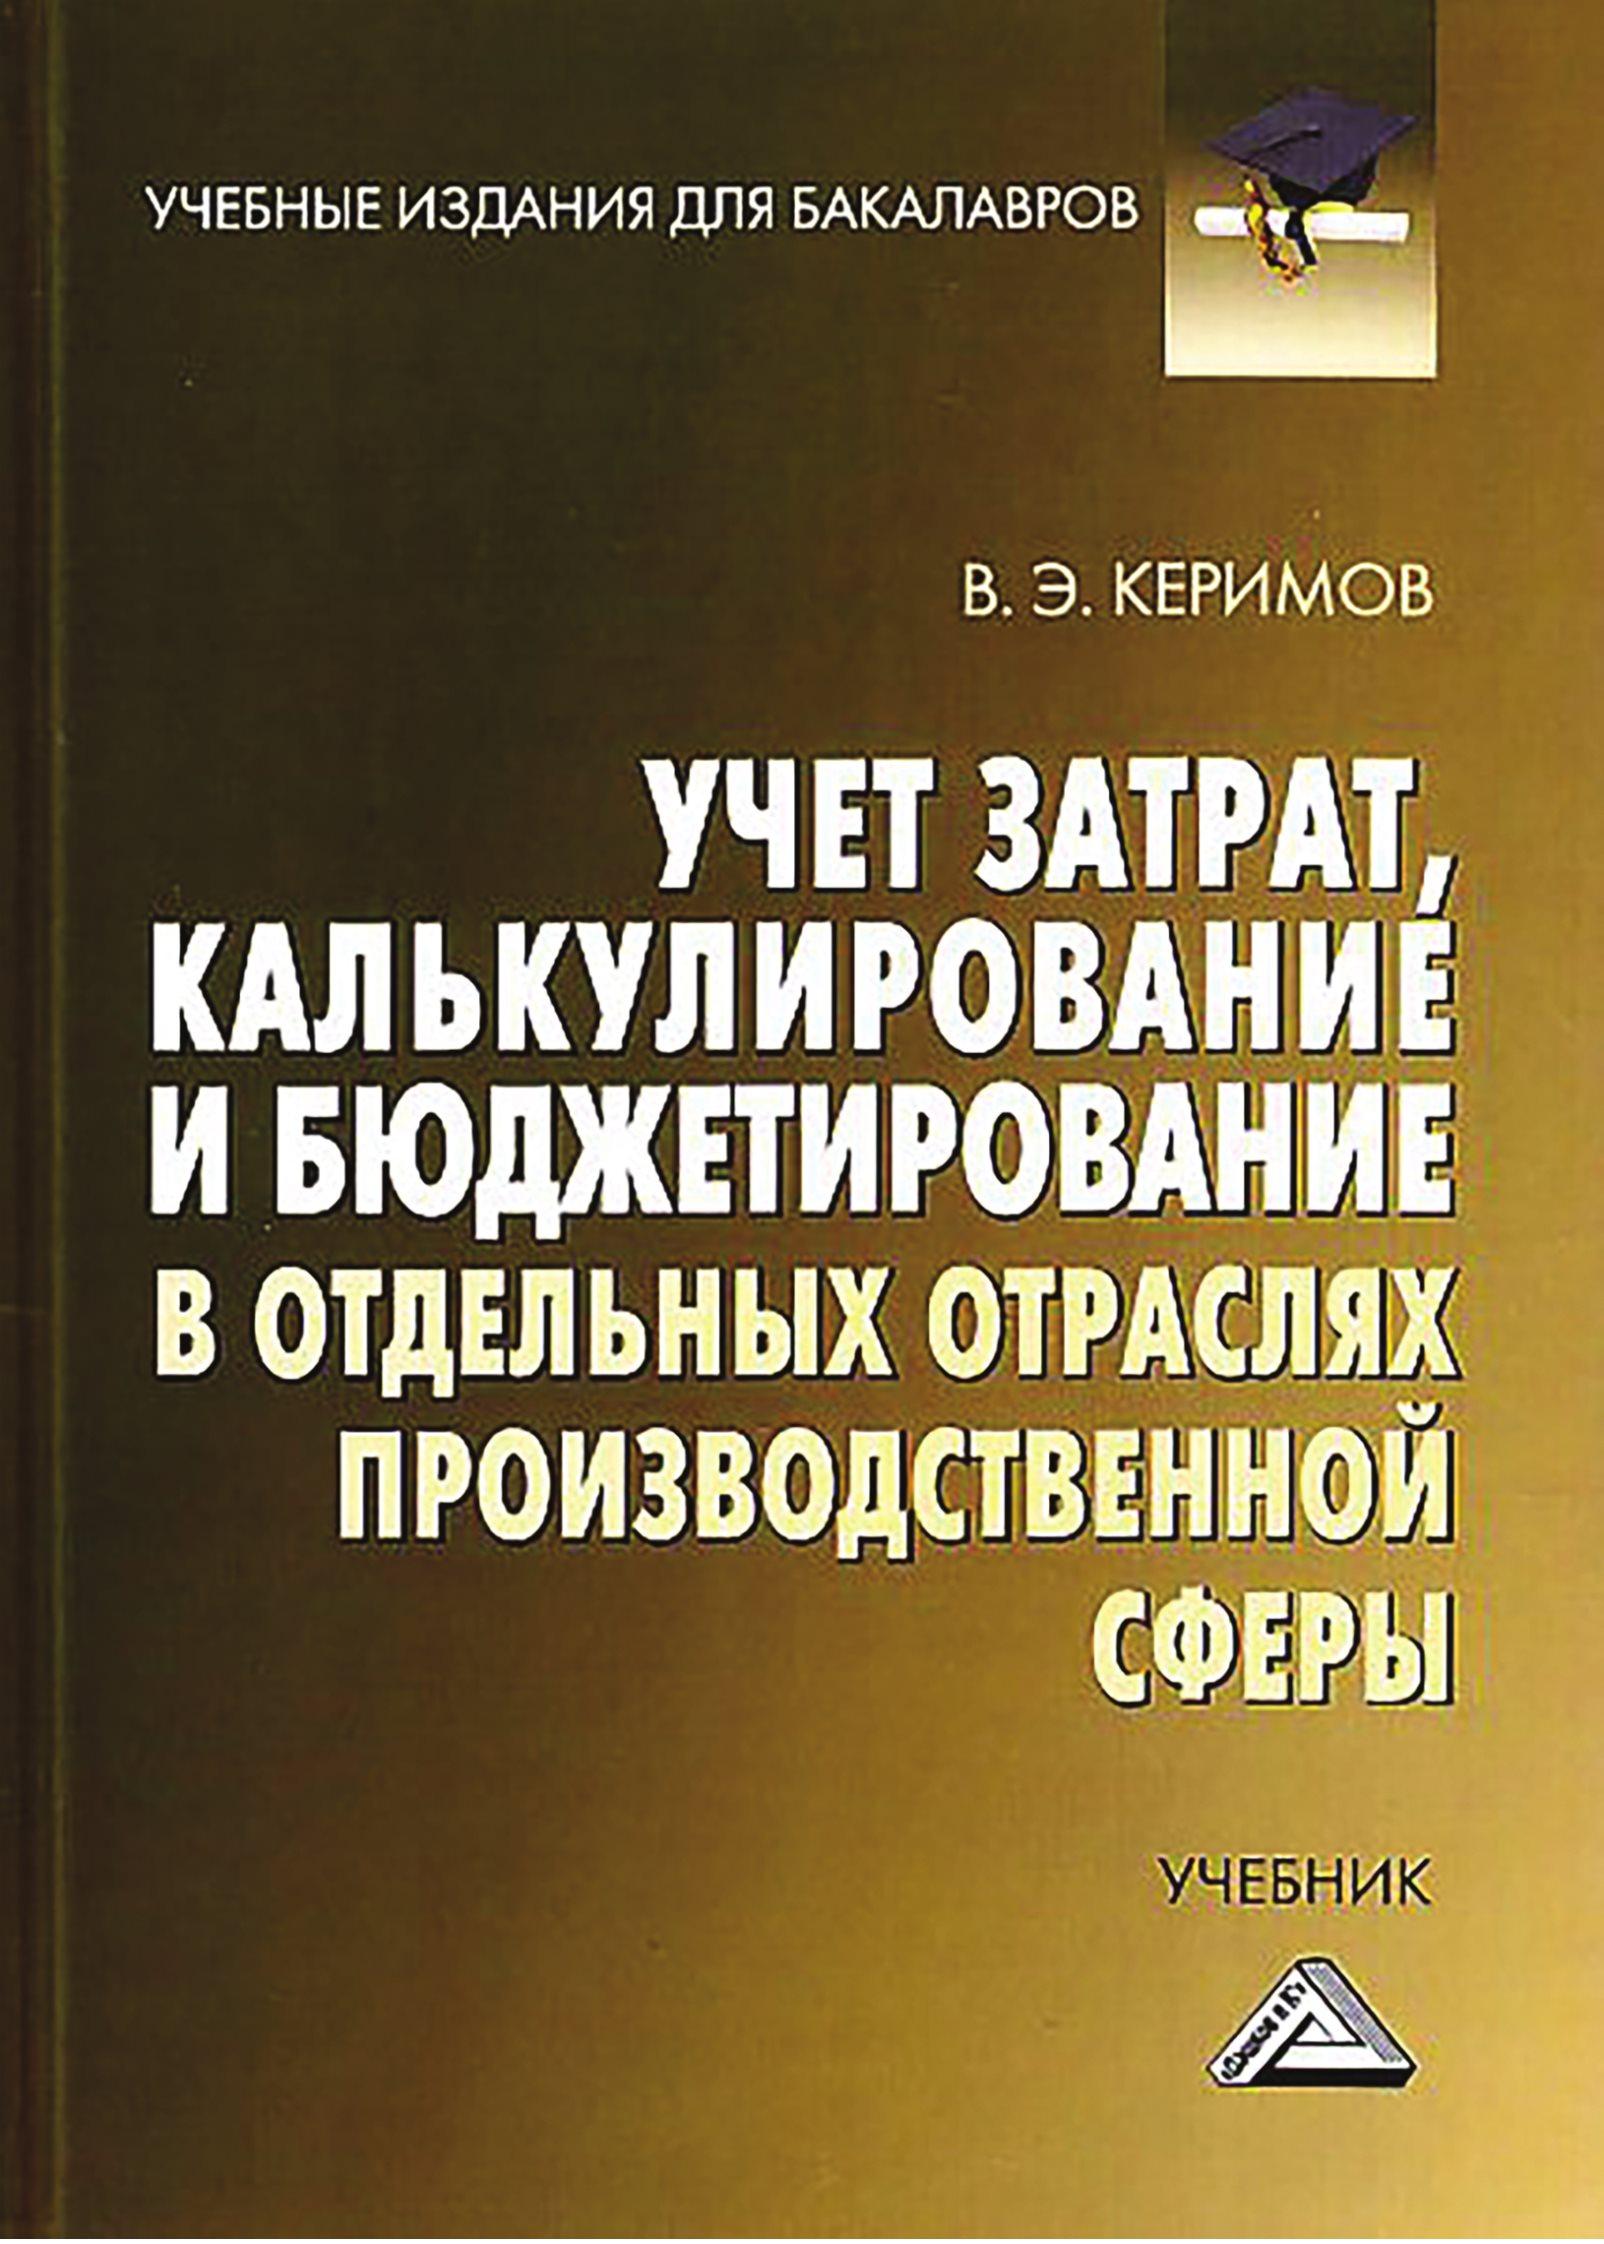 Вагиф Керимов Учет затрат, калькулирование и бюджетирование в отдельных отраслях производственной сферы попов с а калькулирование с дифференцированным учётом затрат для создания конкурентного преимущества предпри